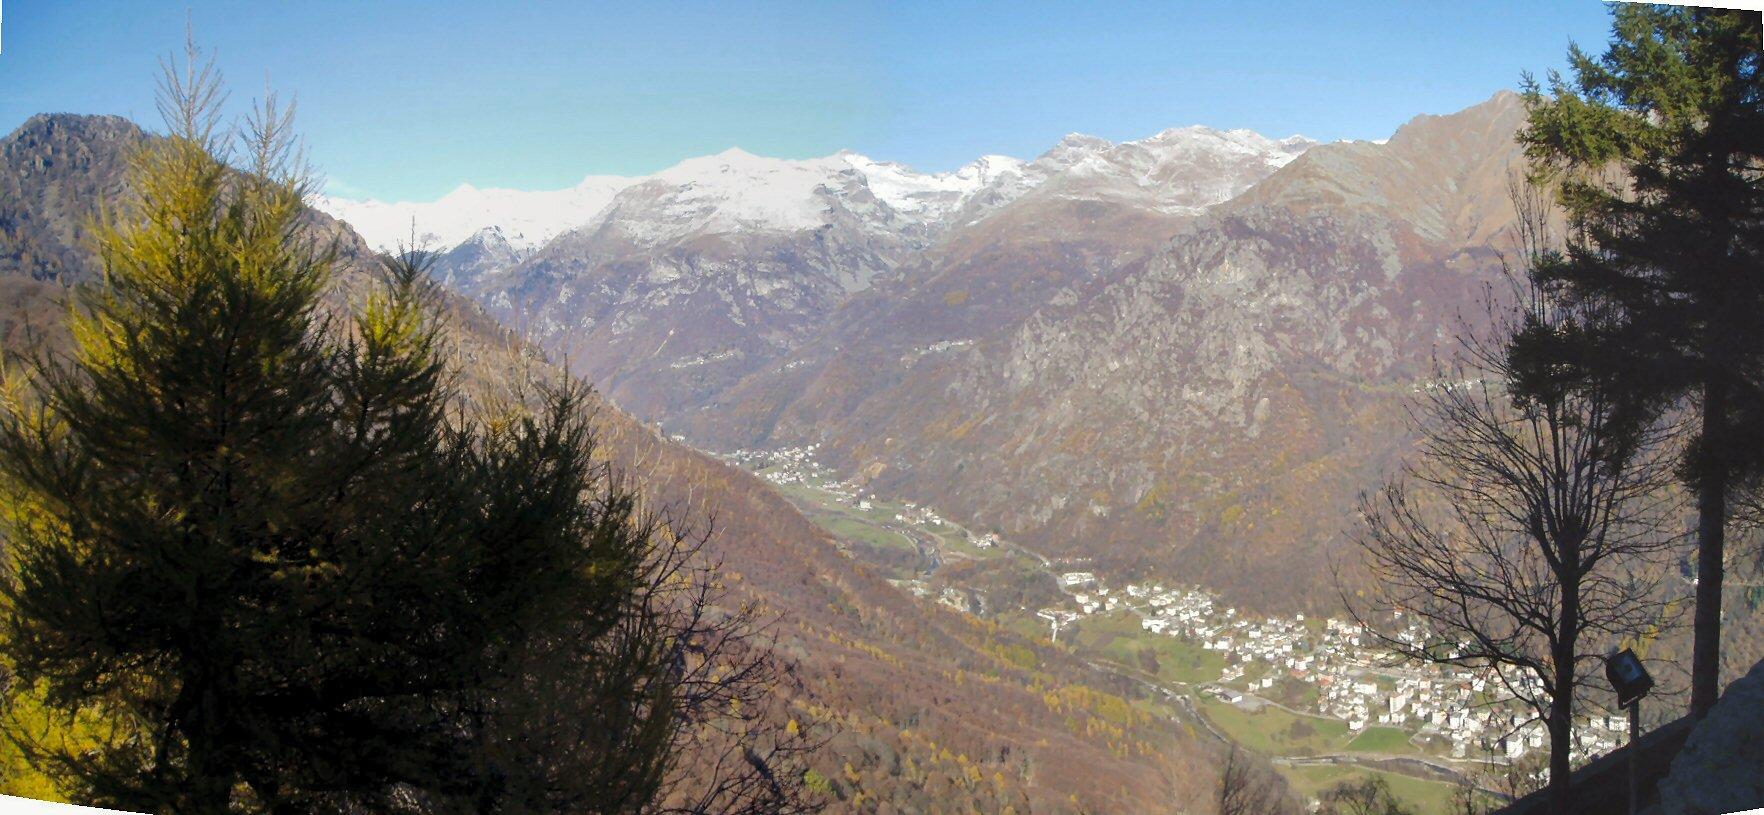 La Val Grande ddi Lanzo con Chialamberto e Cantoria.